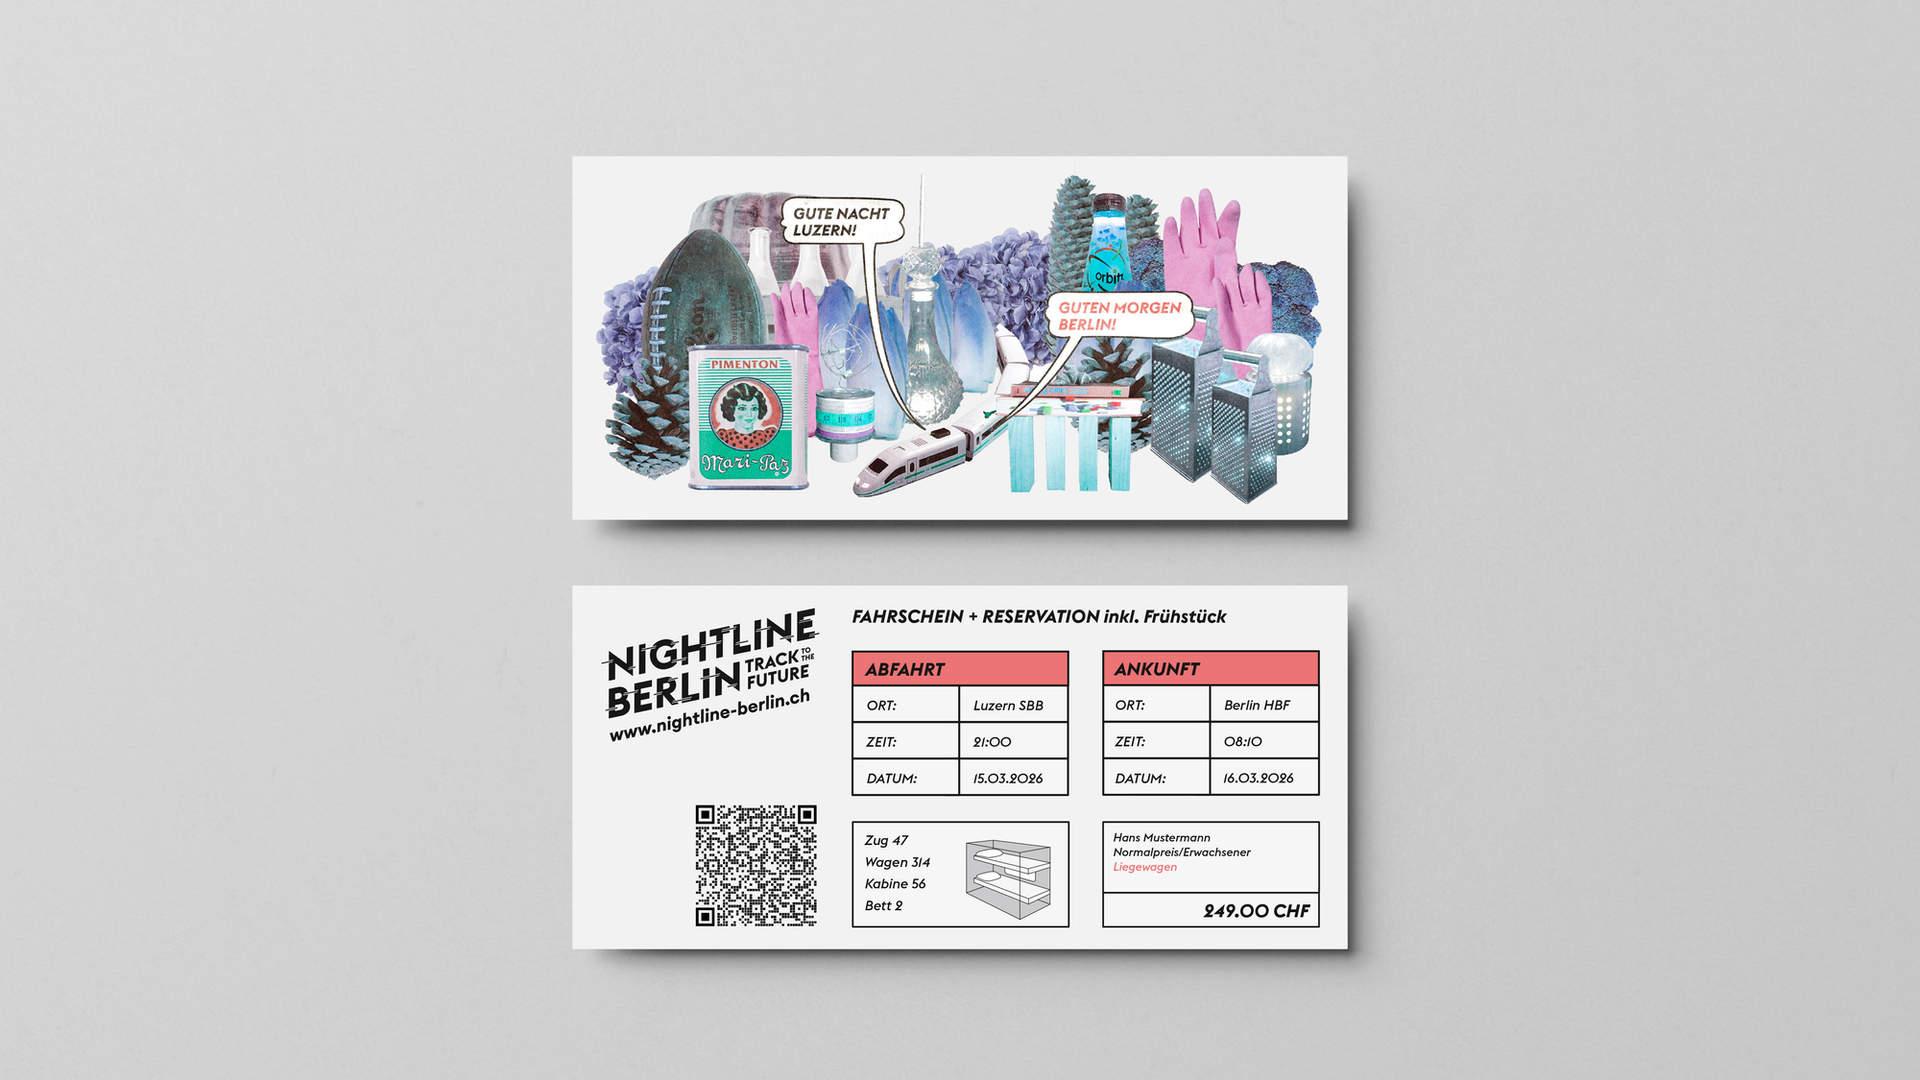 Mockup_Tickets.jpg